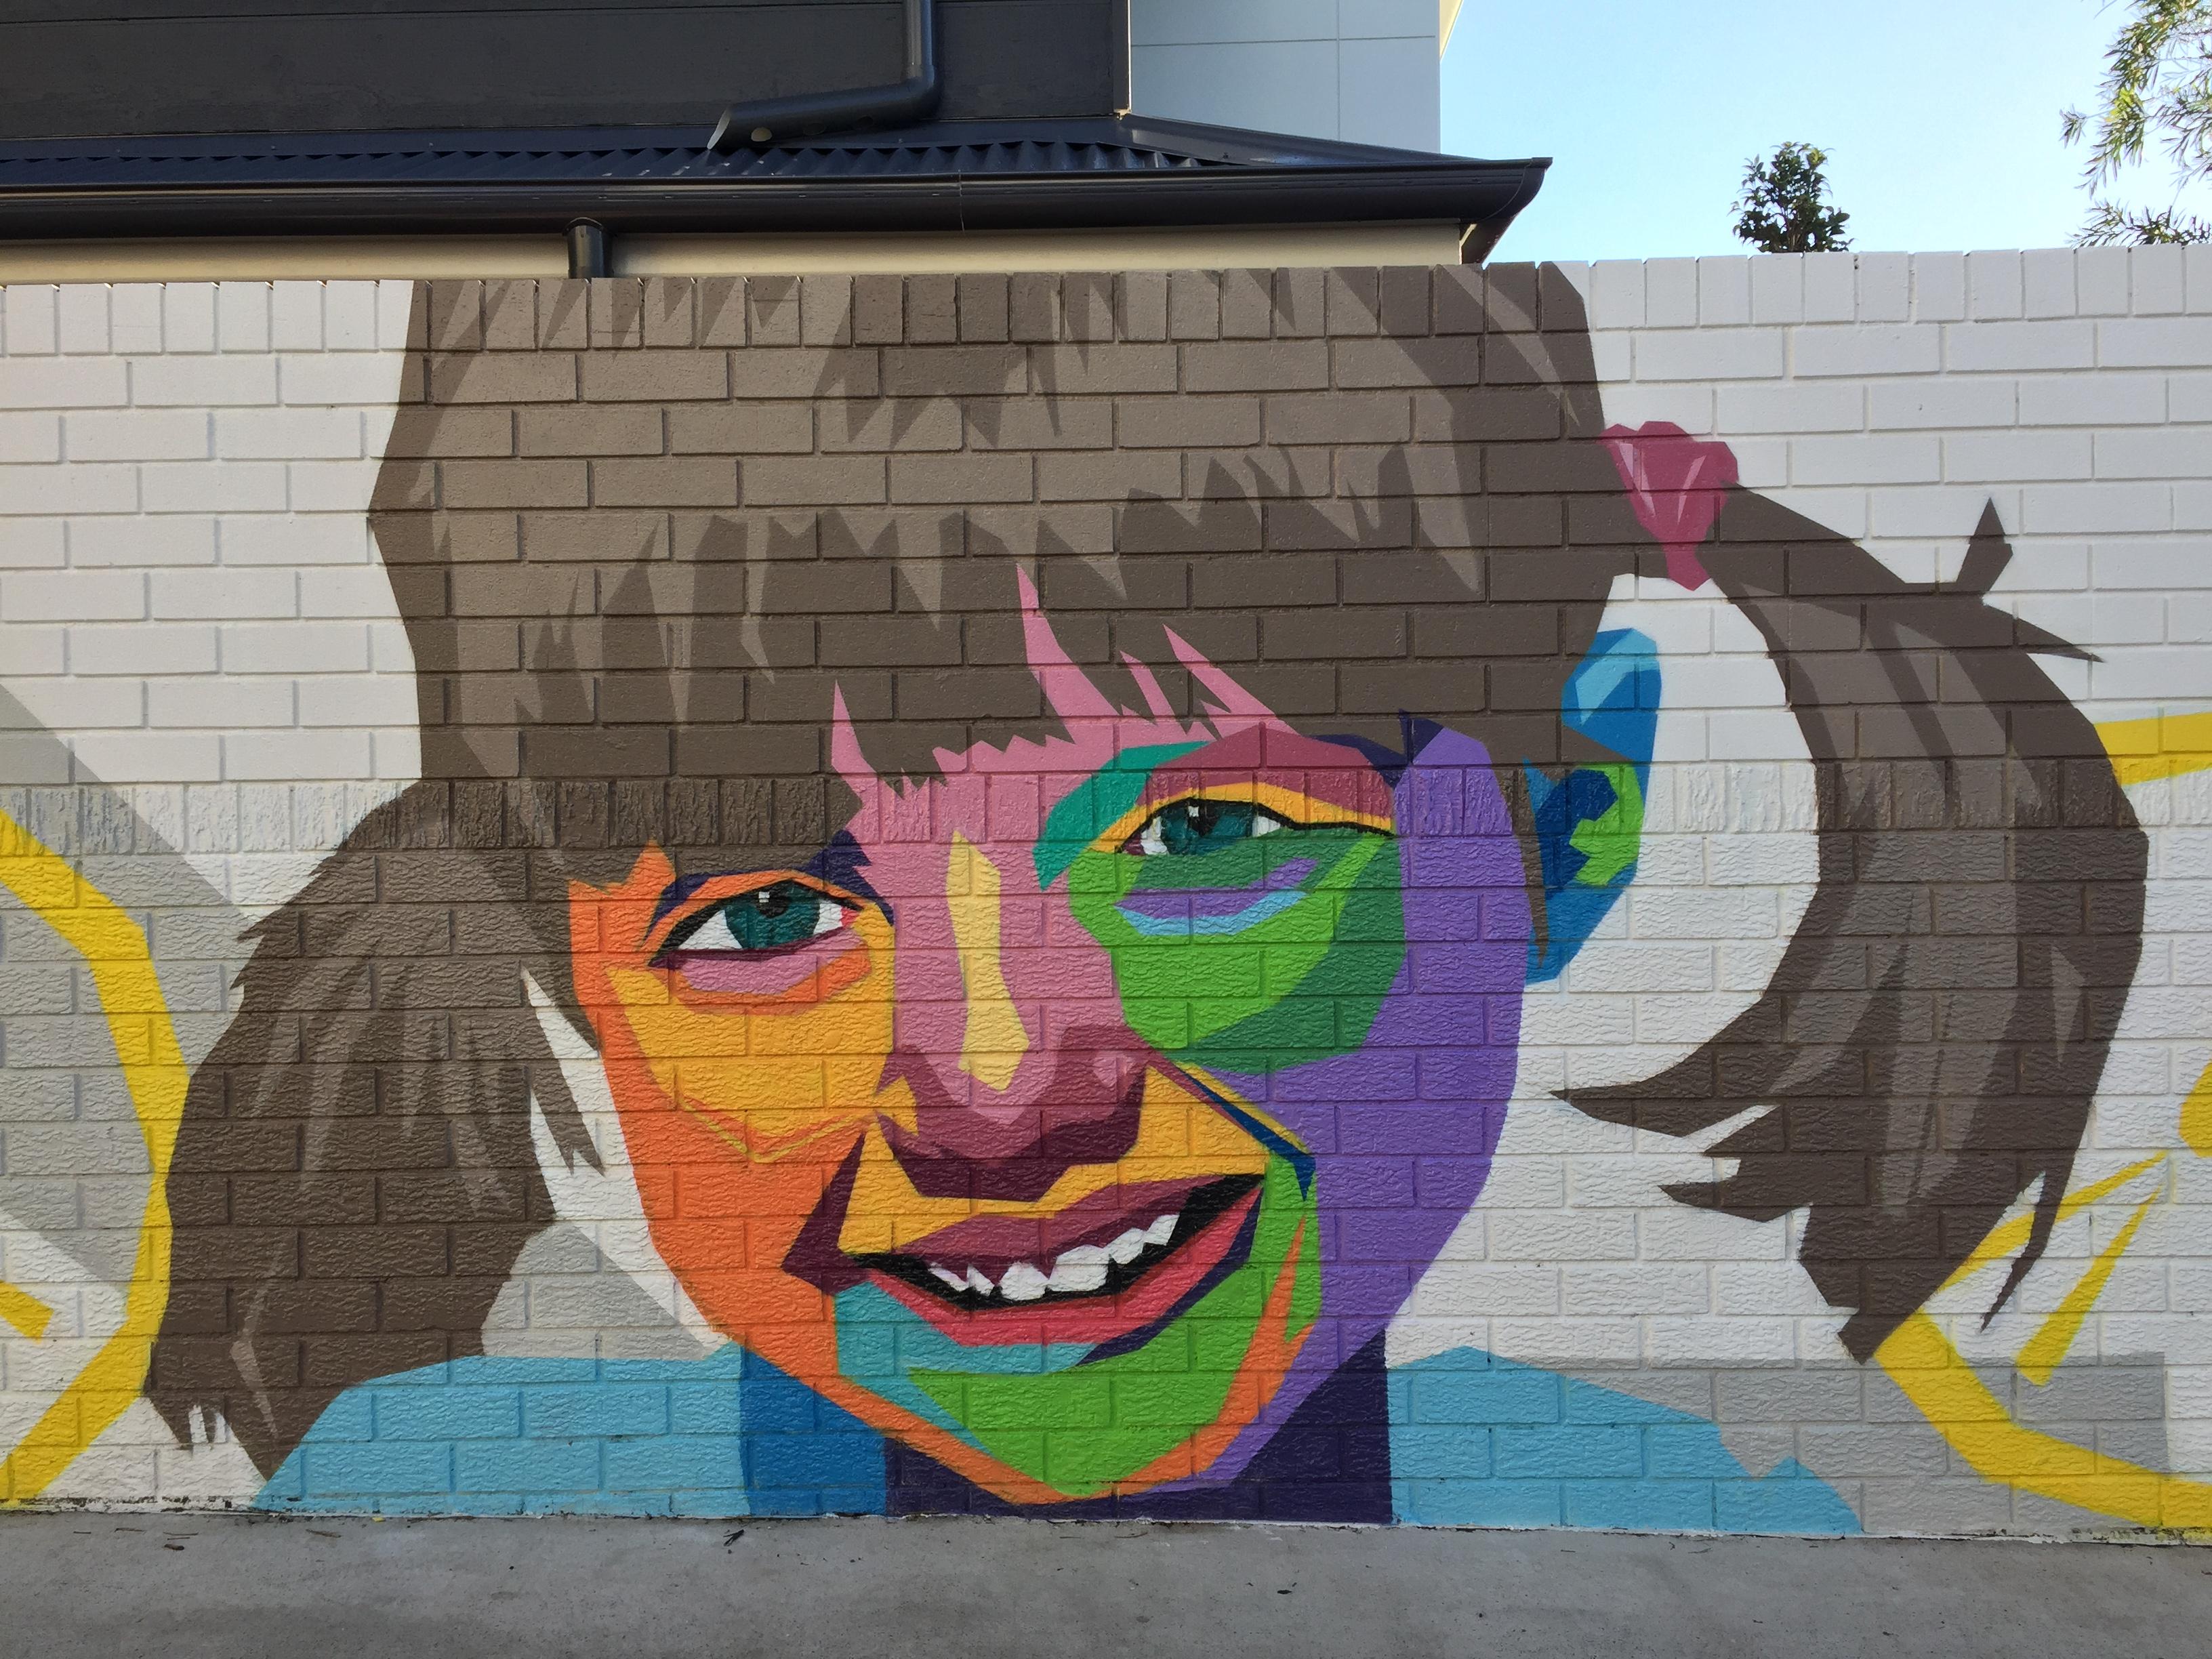 Little girl painted in mural artwork